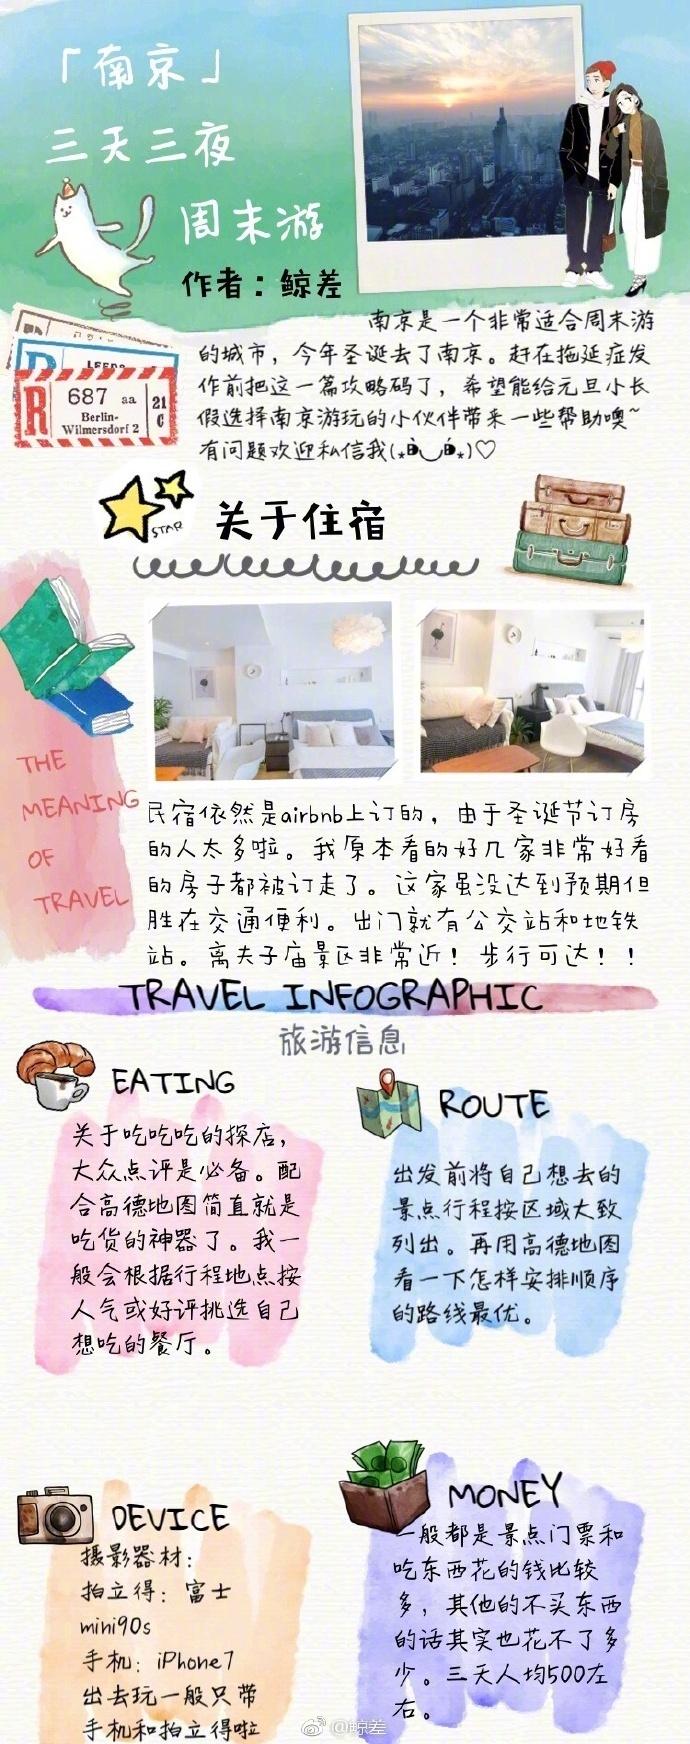 攻略|南京旅游攻略|南京美食推荐  周末游/小长假去哪玩